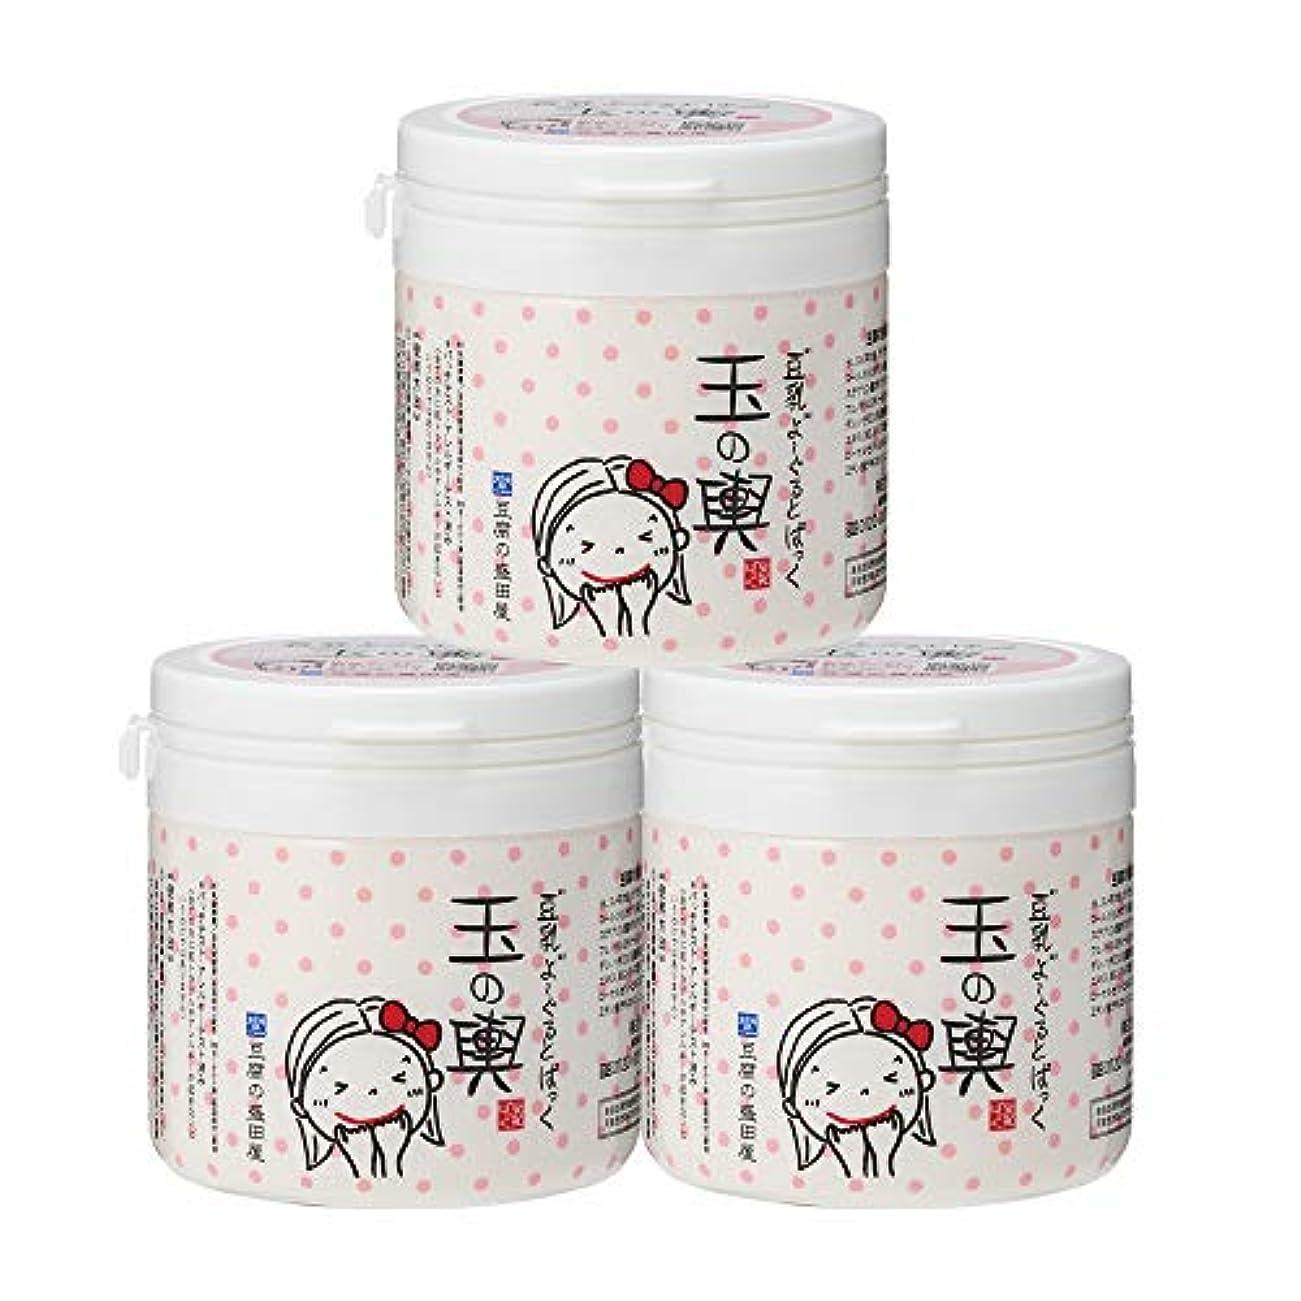 レール外国人リズミカルな豆腐の盛田屋 豆乳よーぐるとぱっく 玉の輿 150g×3個セット